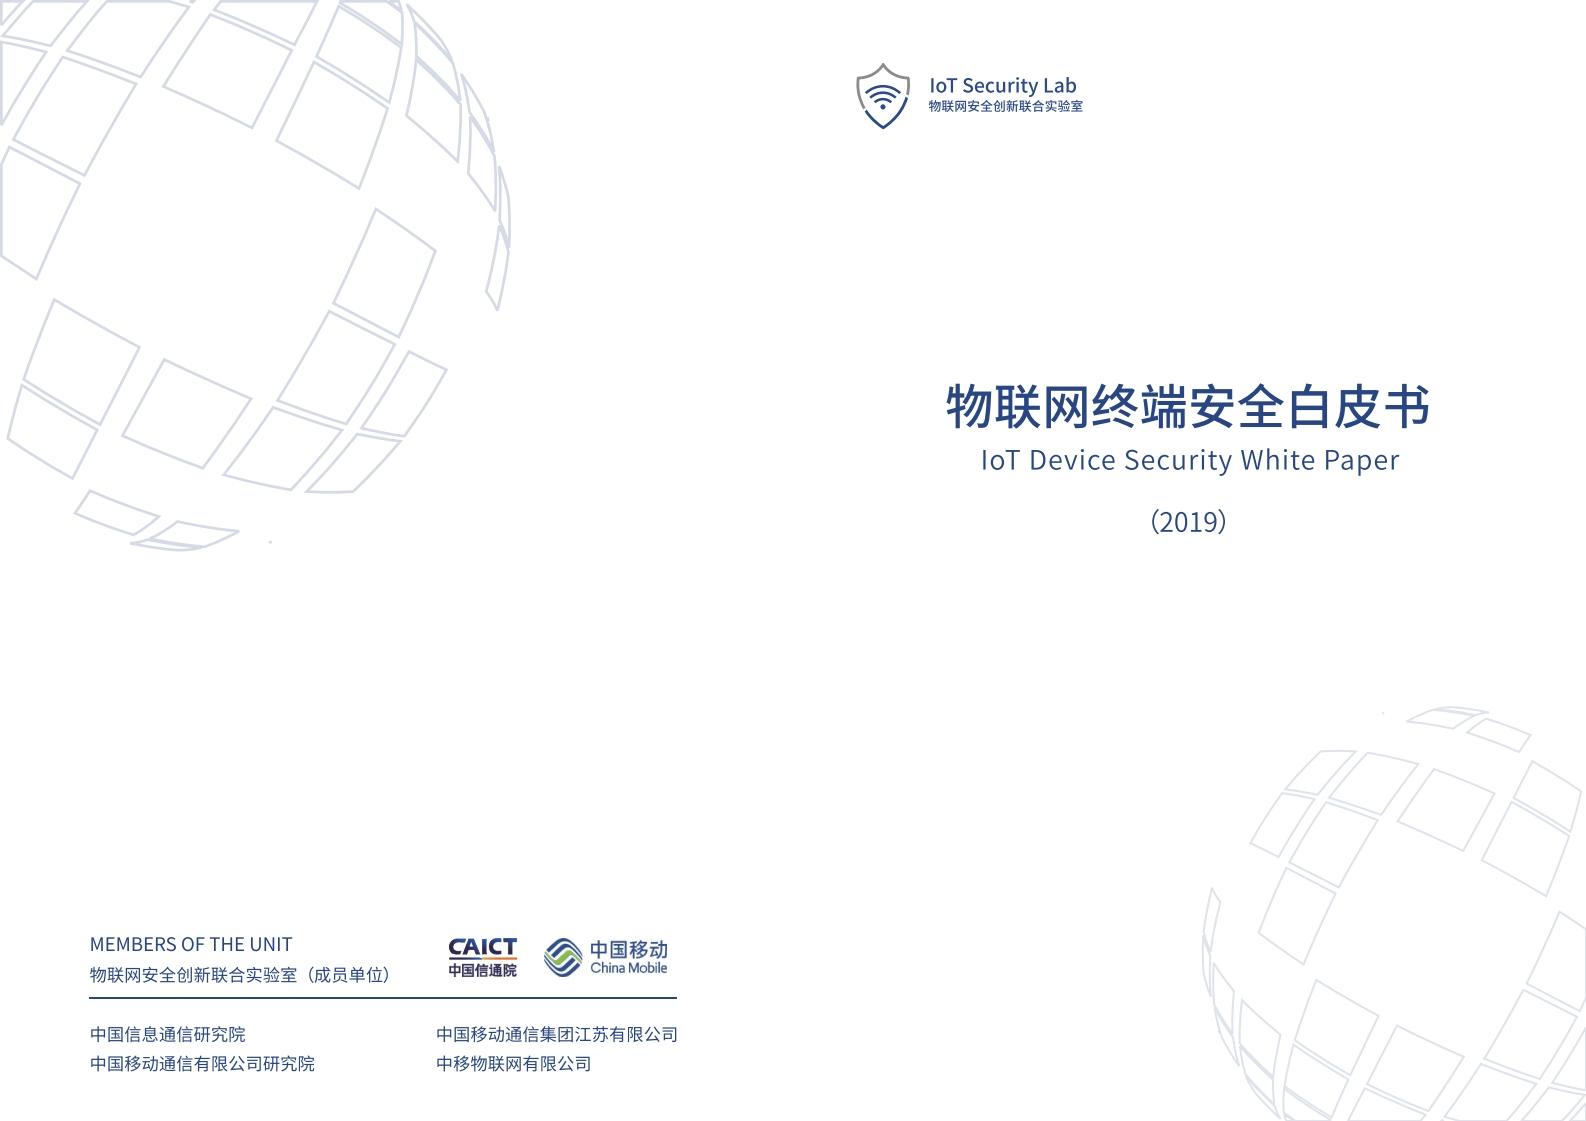 物联网安全创新联合实验室:2019物联网终端安全白皮书(附下载)